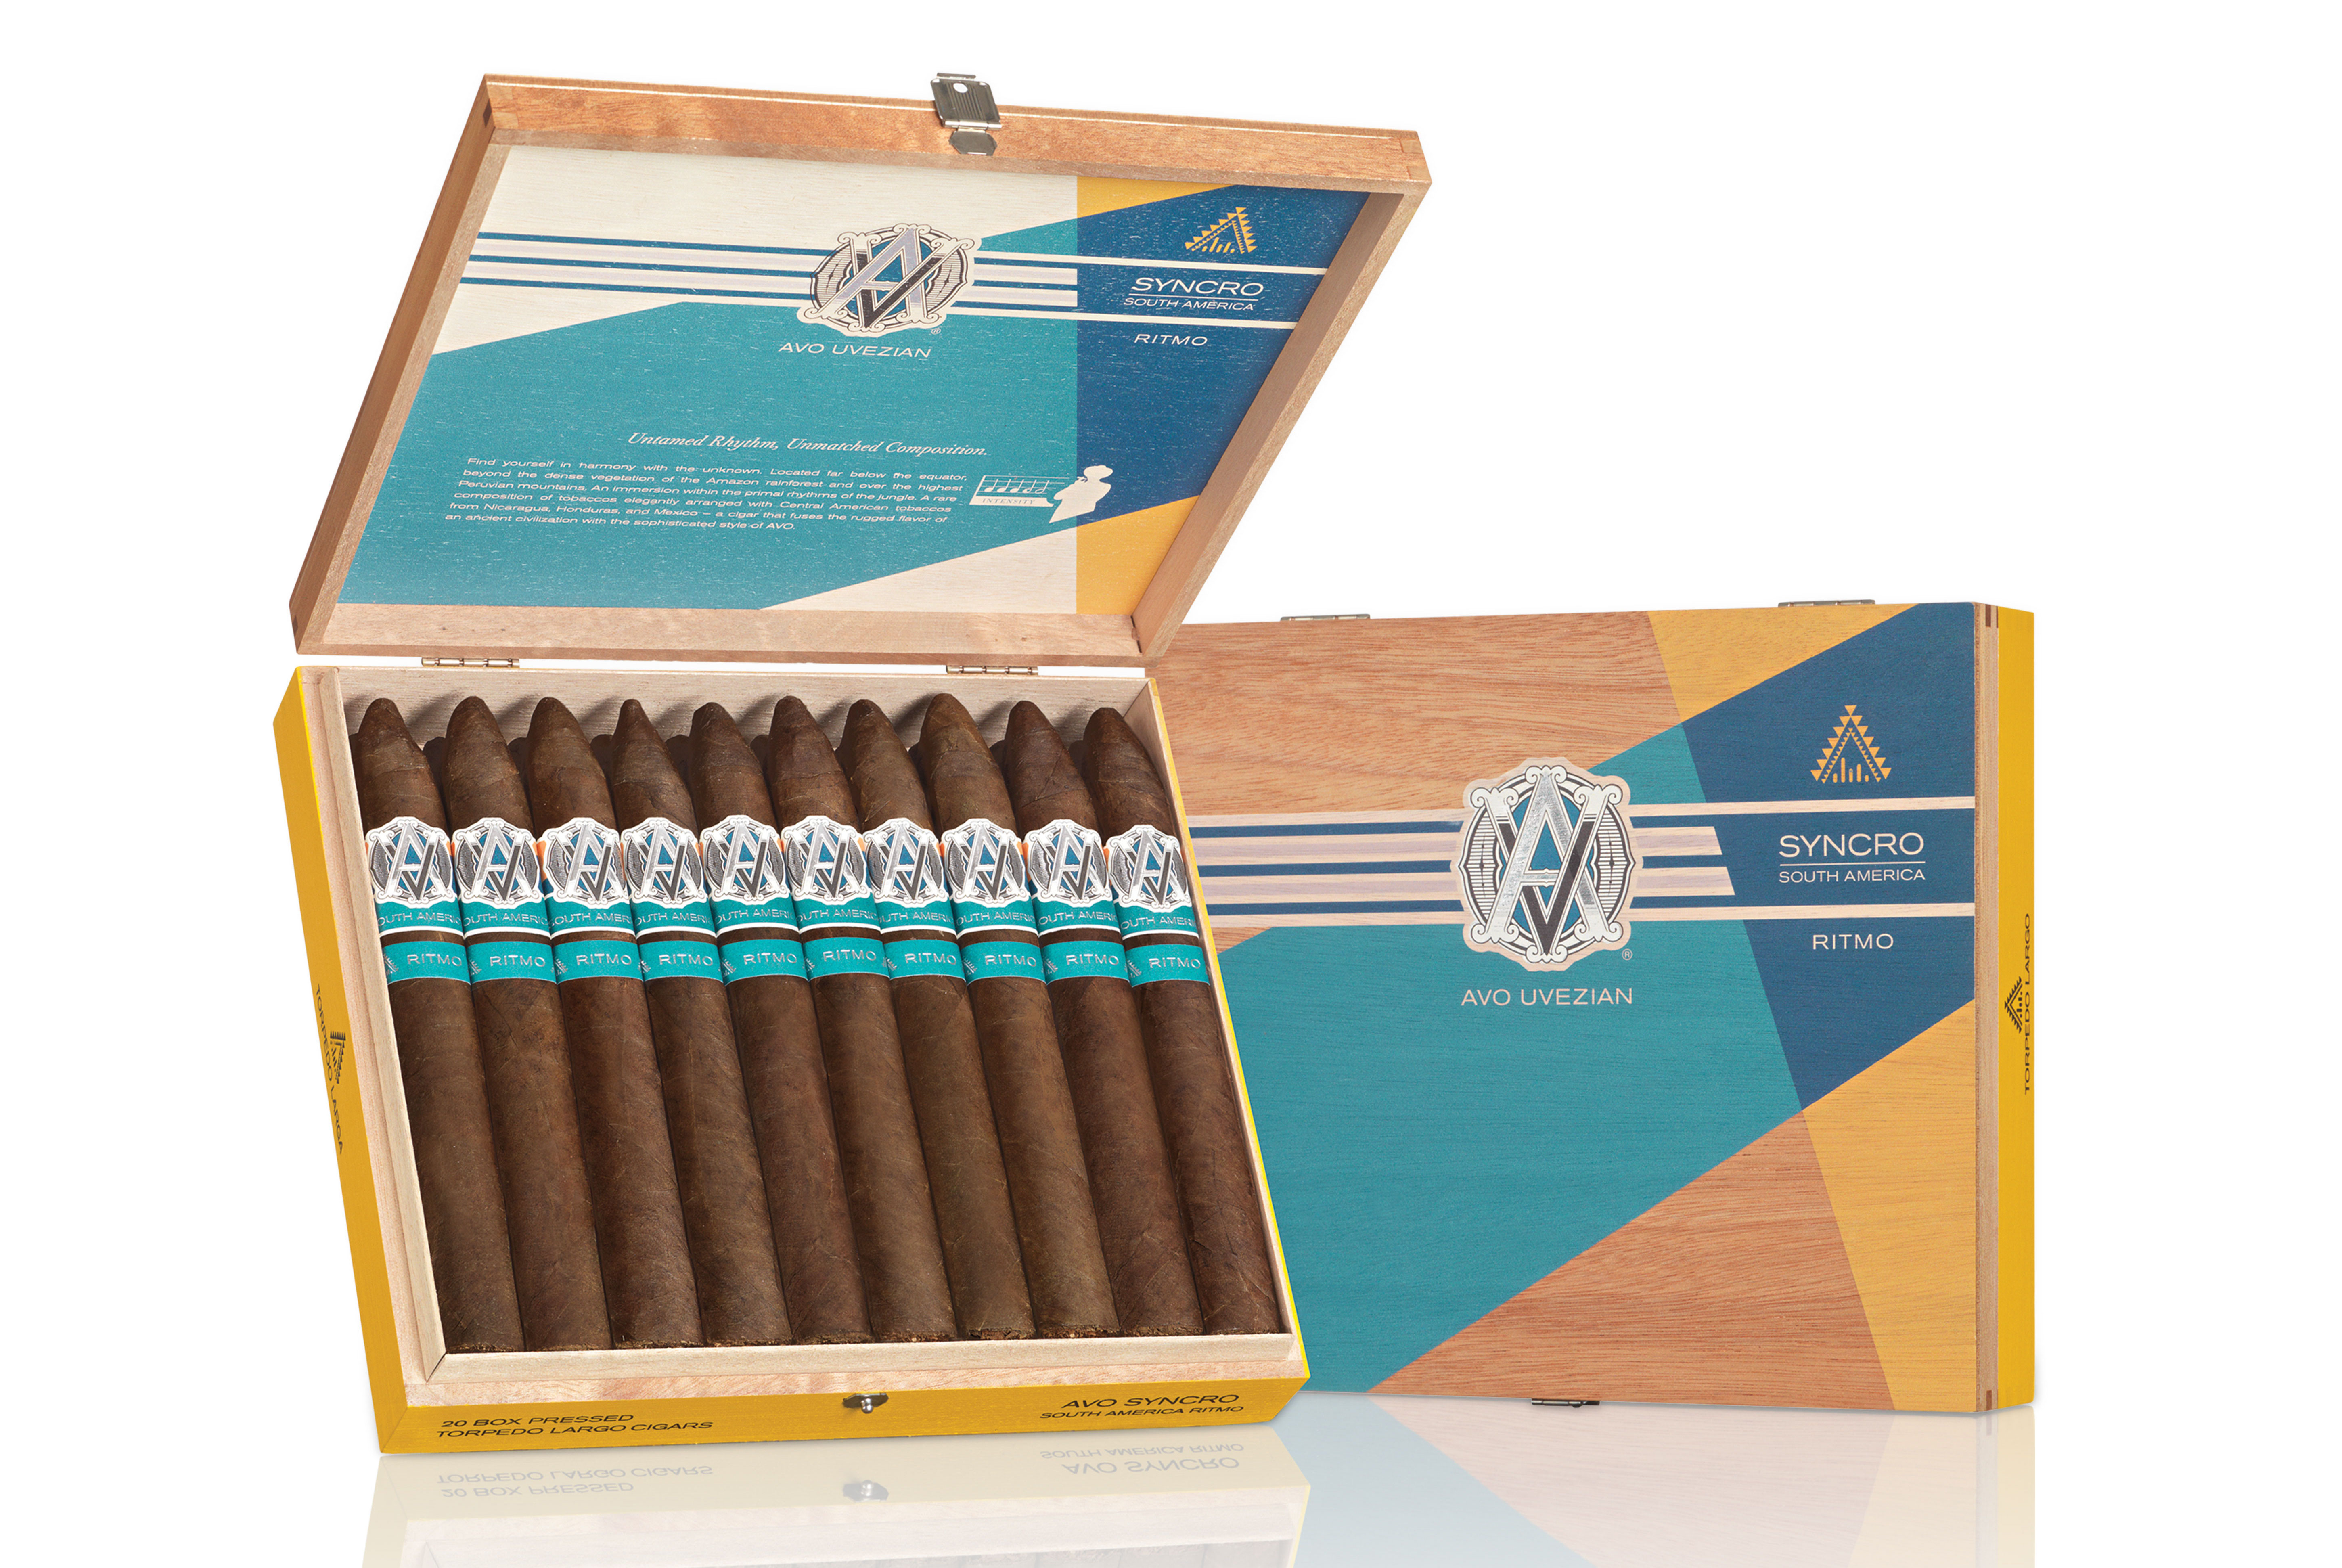 Cigar News: AVO Syncro South America Ritmo Launching This Month